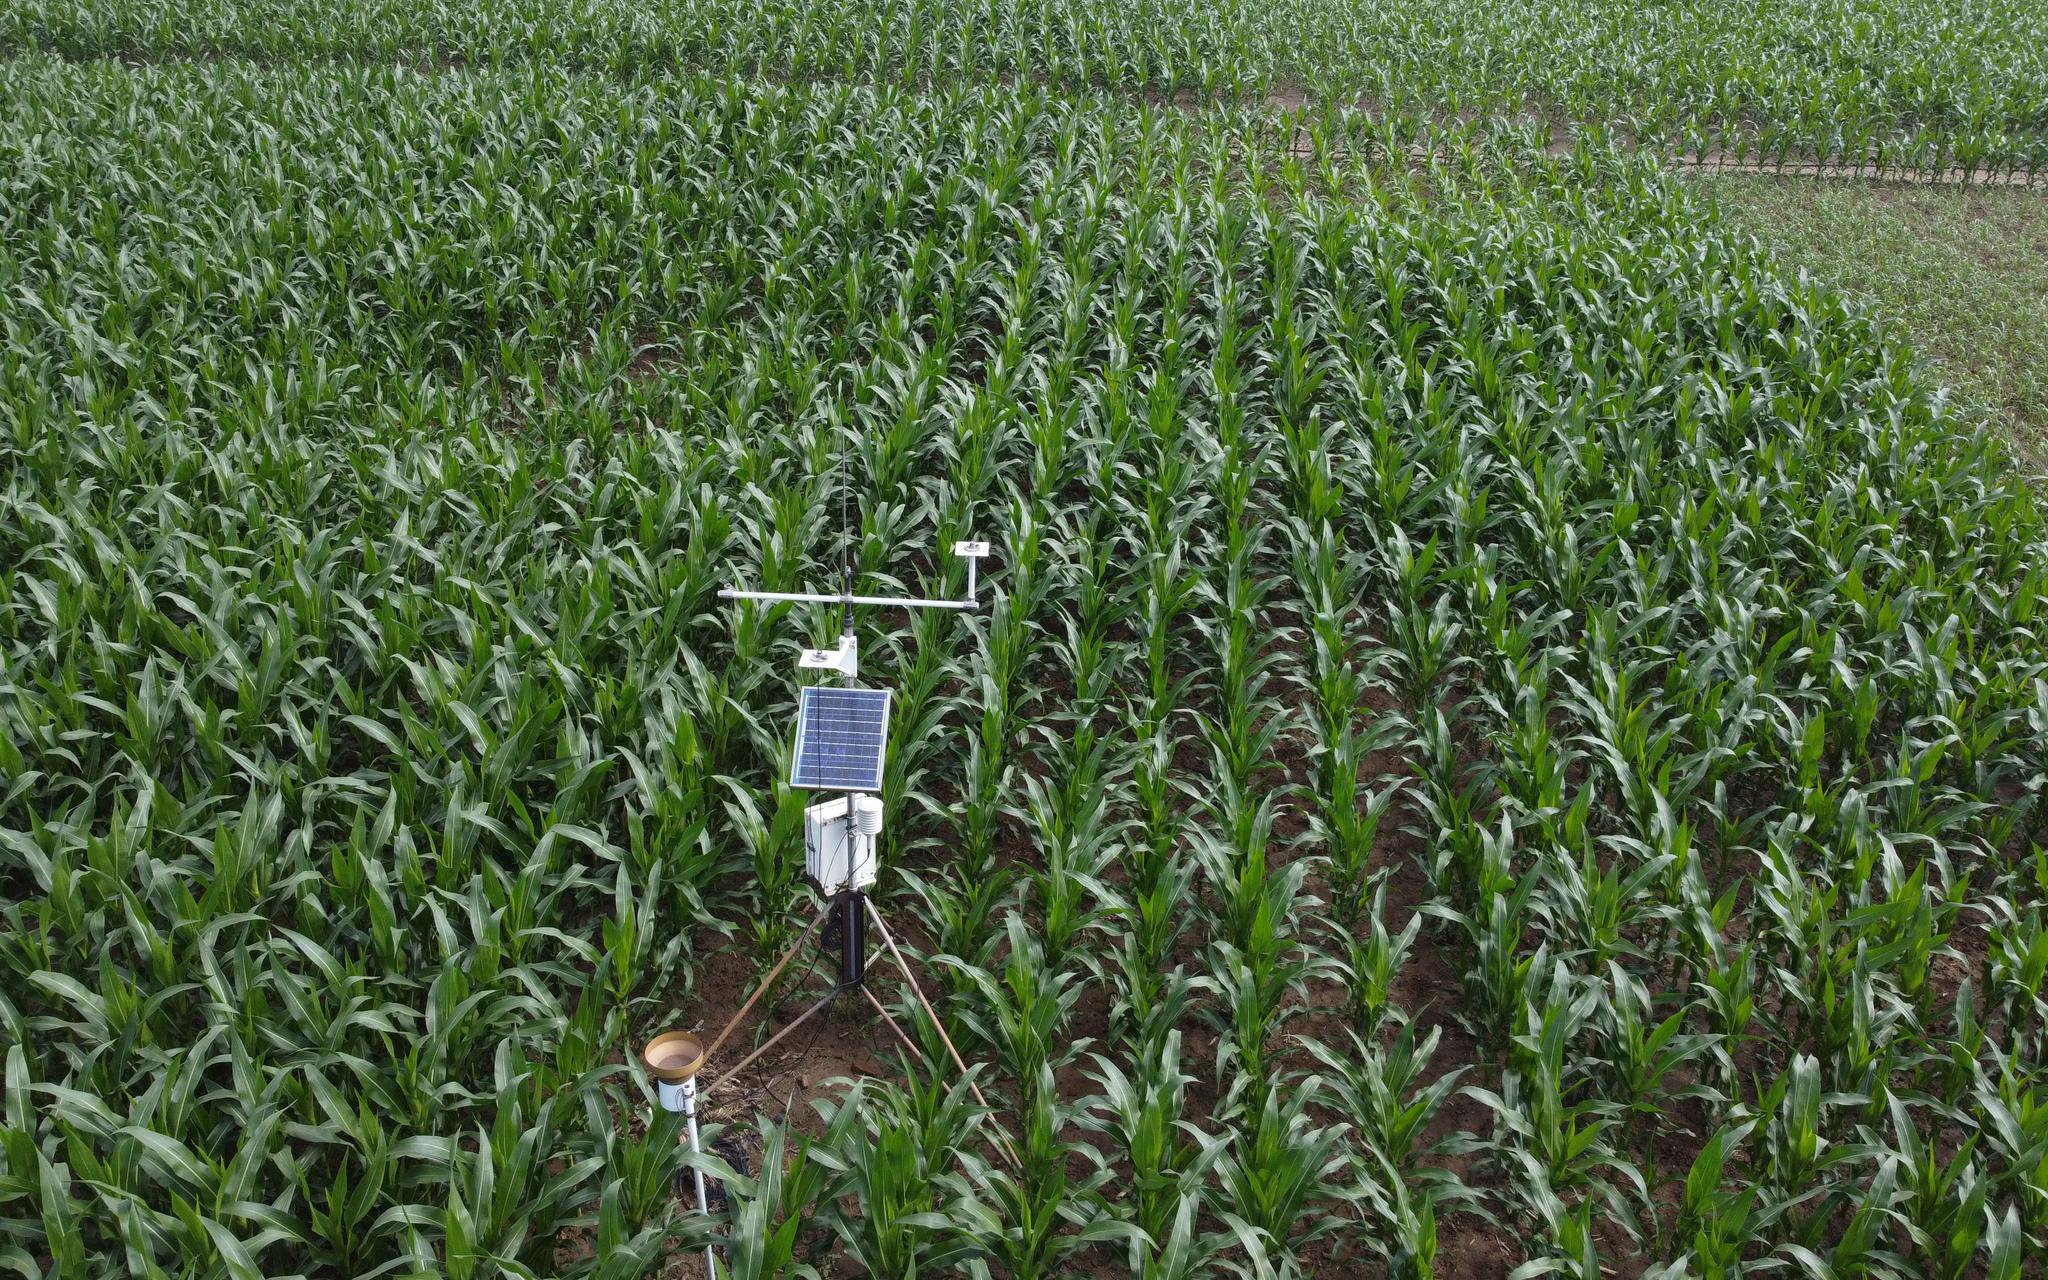 旱地农业改变了靠天吃饭的村庄 从亩产几十斤到千斤